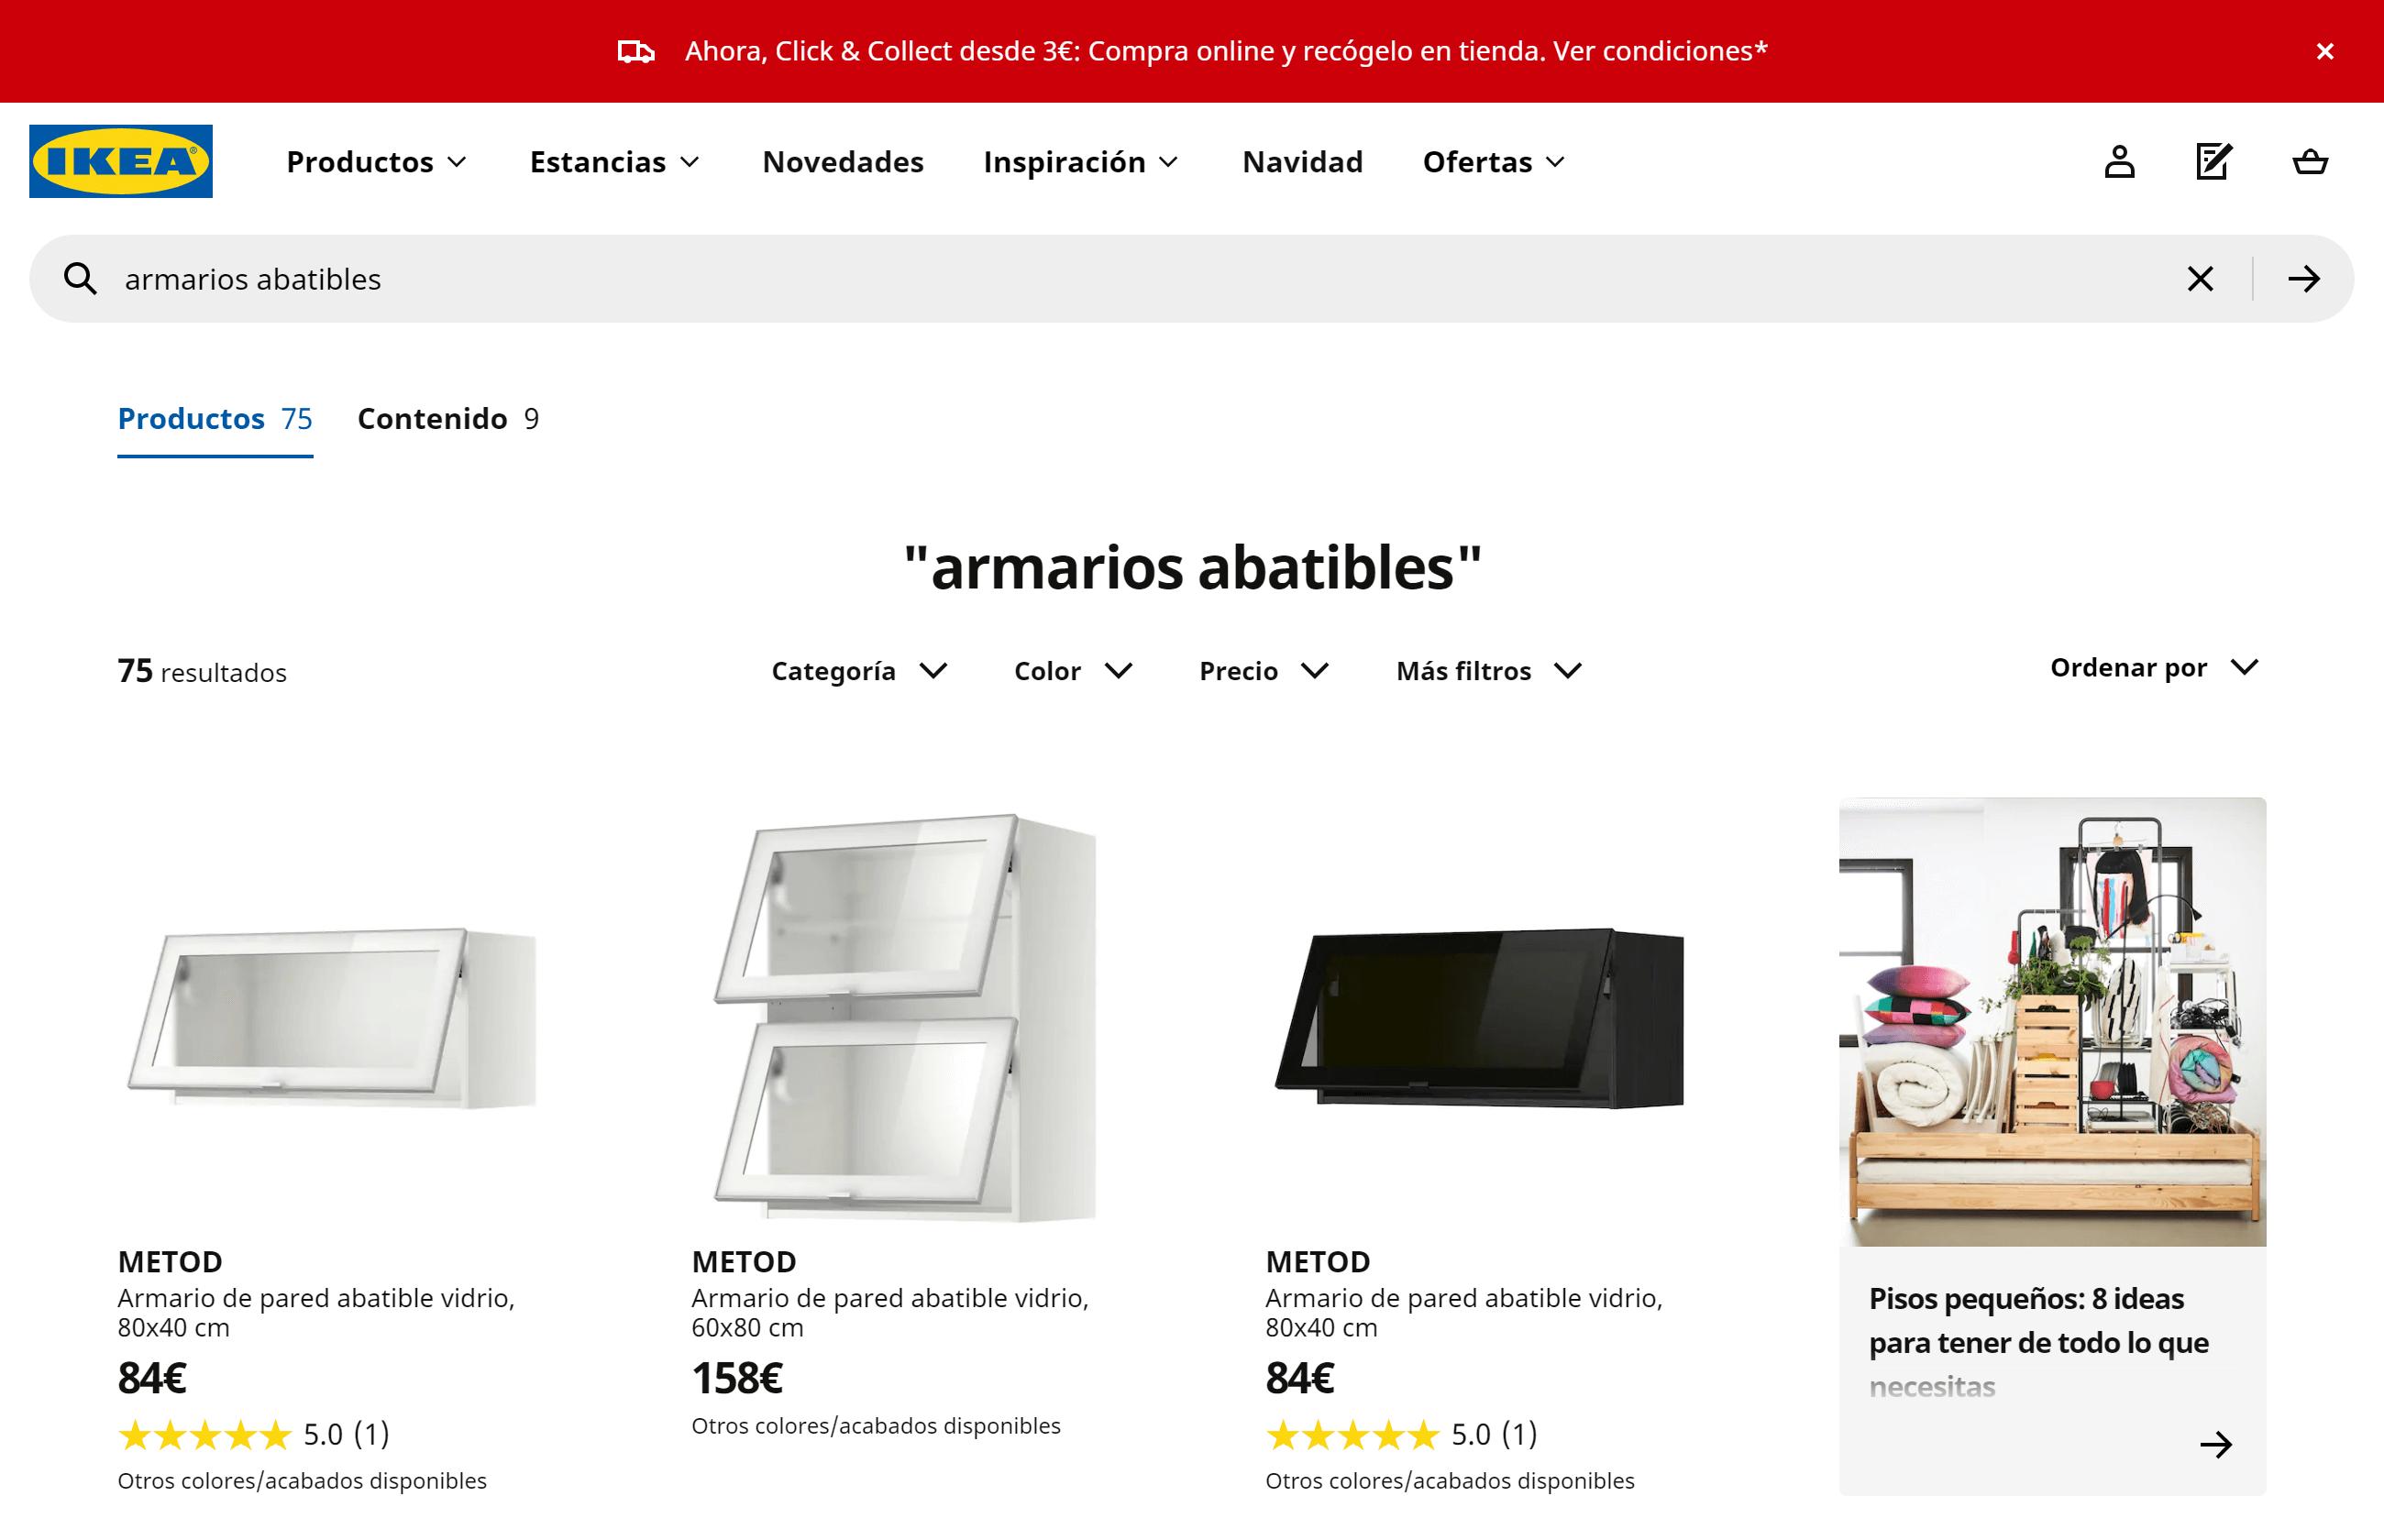 Búsqueda interna realizada en IKEA para encontrar armarios abatibles